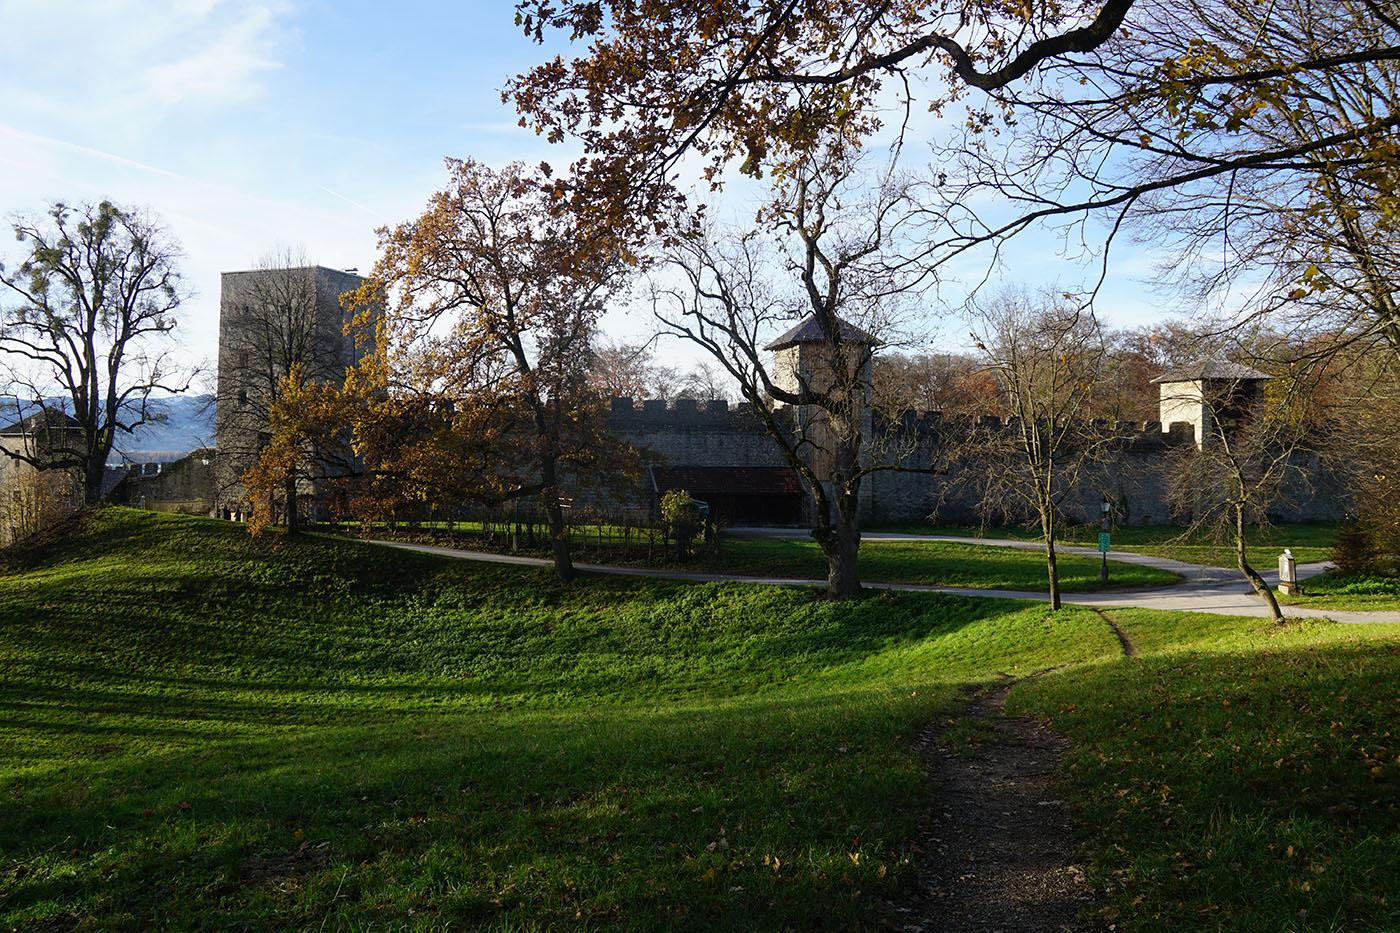 ホーエンザルツブルク城城壁散歩道5